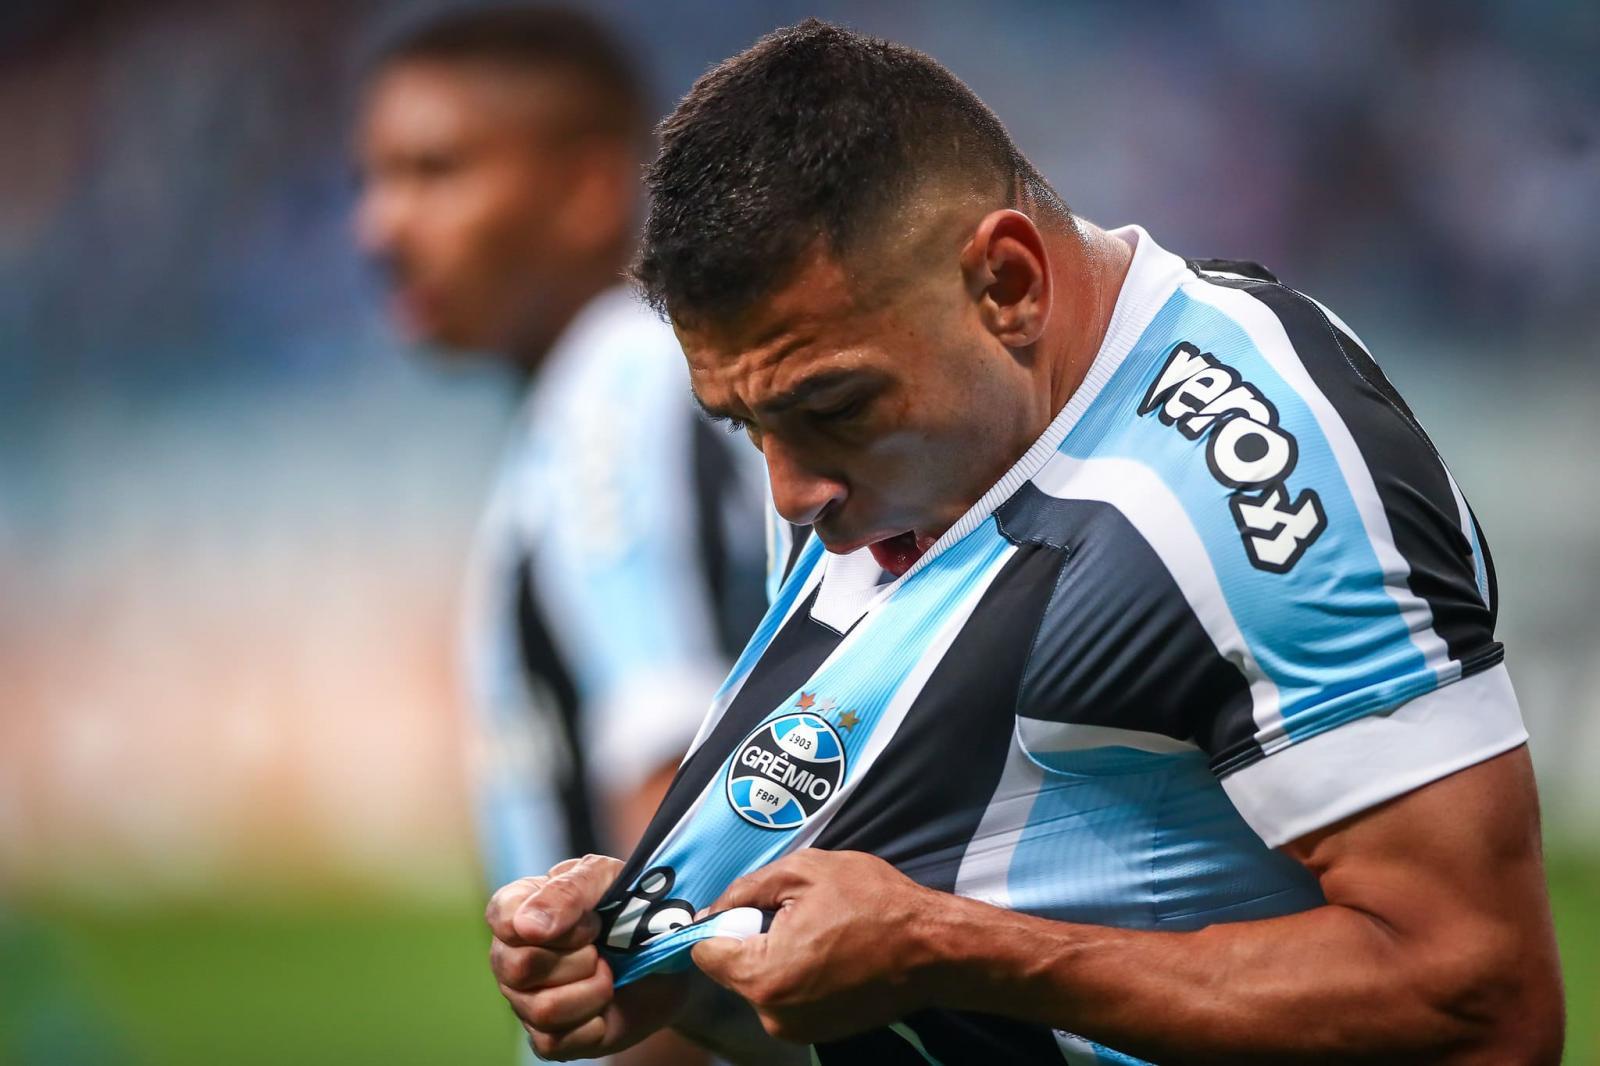 Grêmio joga bem, leva susto no final, mas supera Juventude na estreia de Mancini